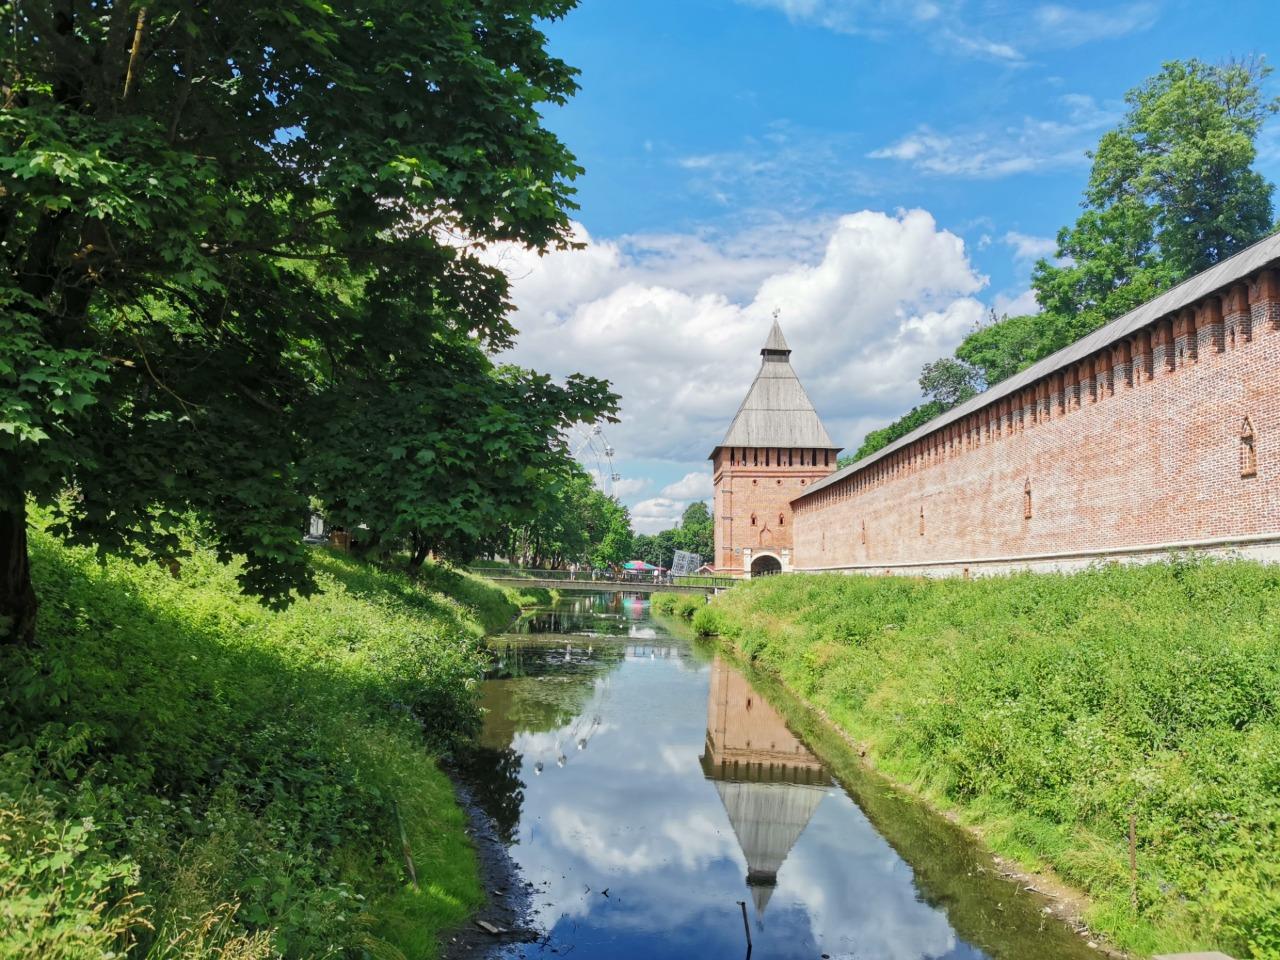 Смоленск- Гнездово: Путешествие из IX века - индивидуальная экскурсия по Смоленску от опытного гида